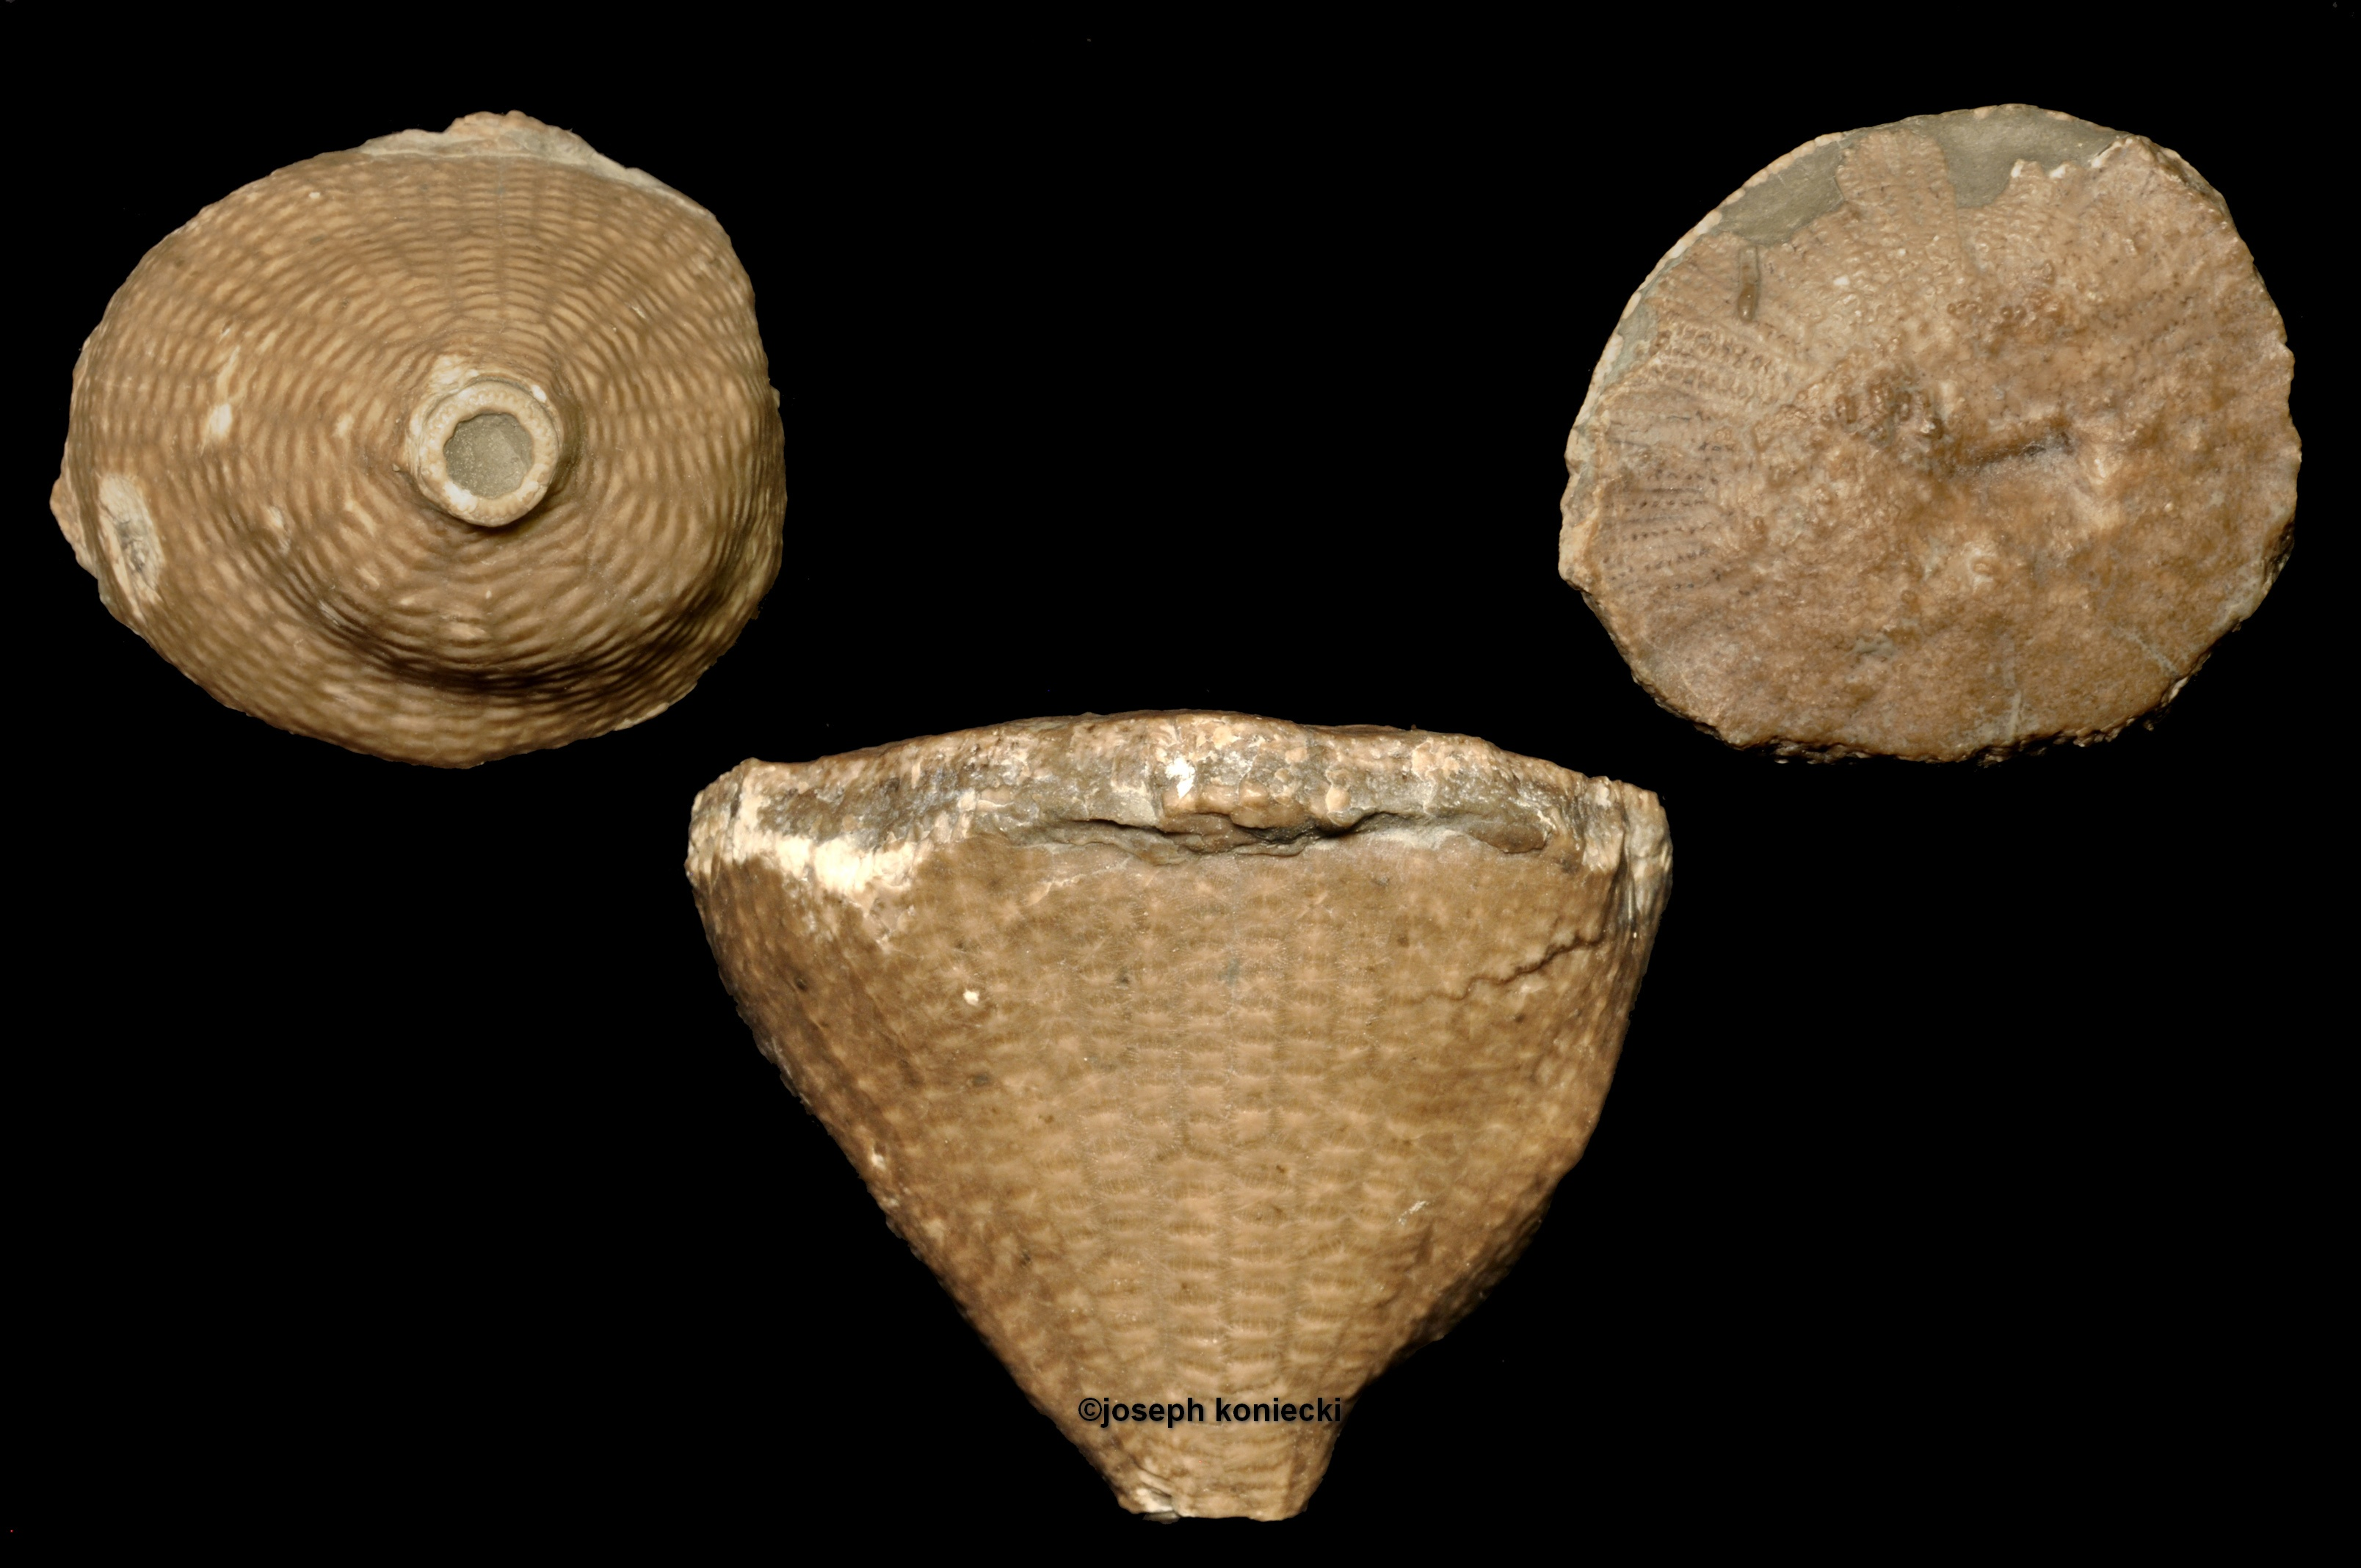 Cleiocrinus